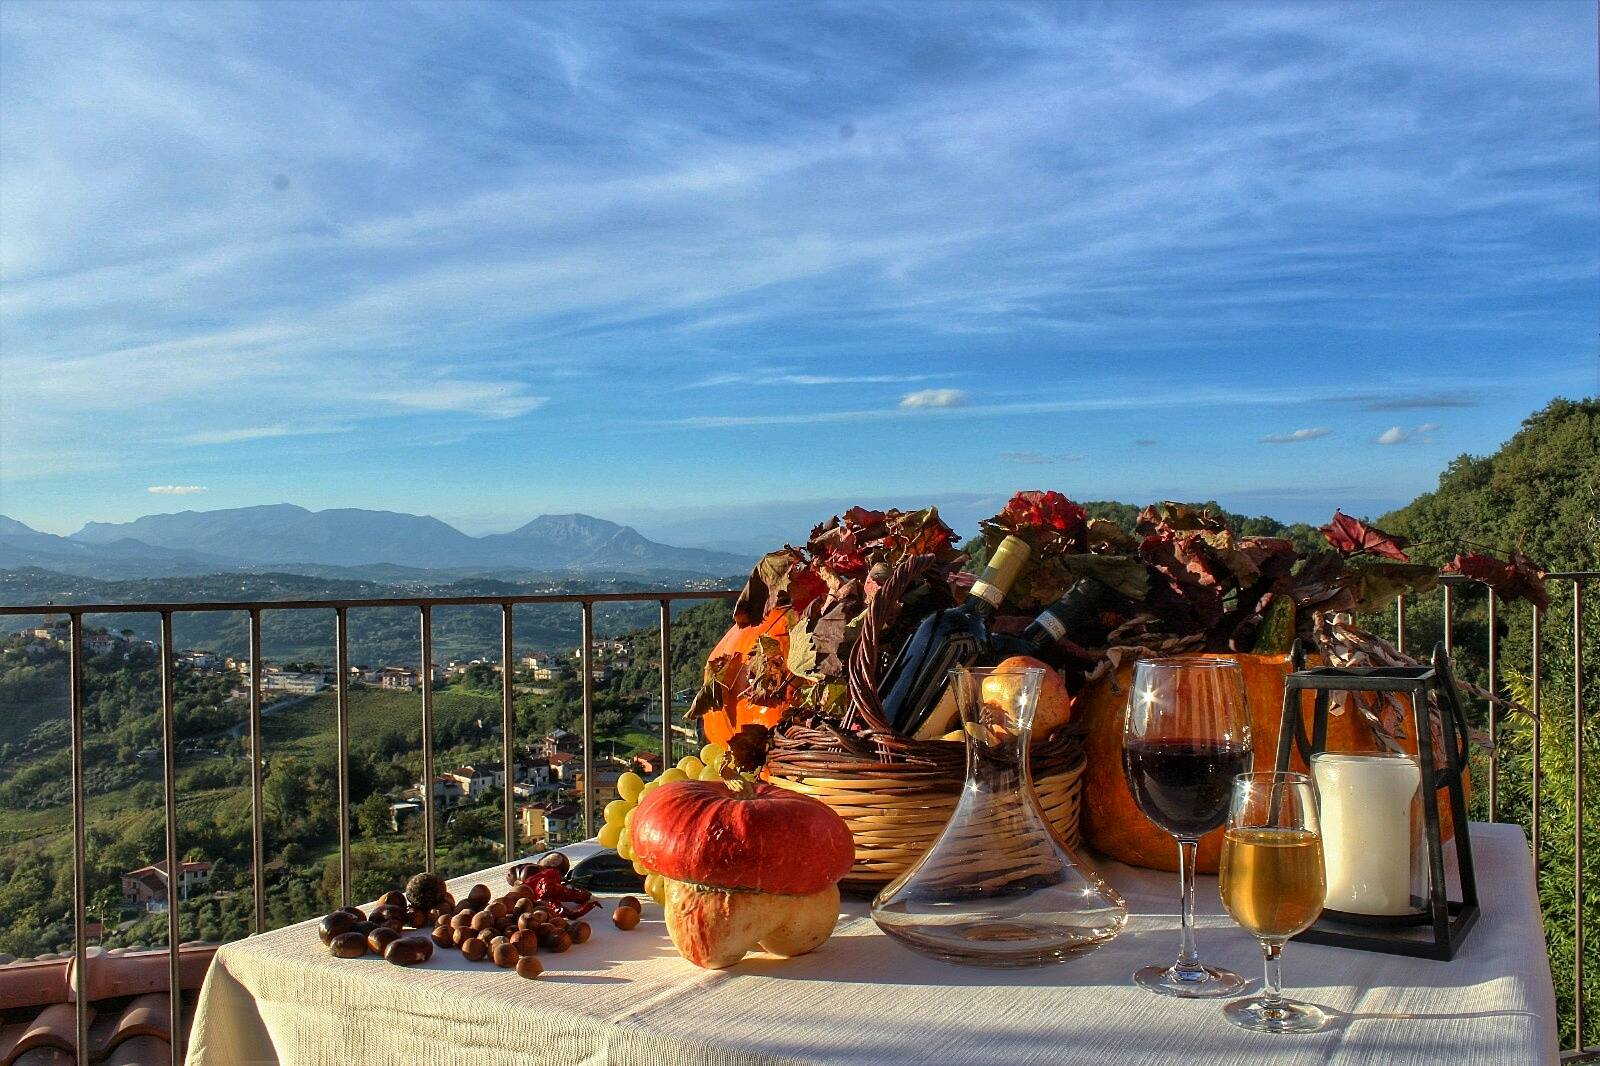 In una tavola della terrazza di fronte alle montagne ci sono due ceste, due bicchieri di vino, due bottiglie,uve e noci.